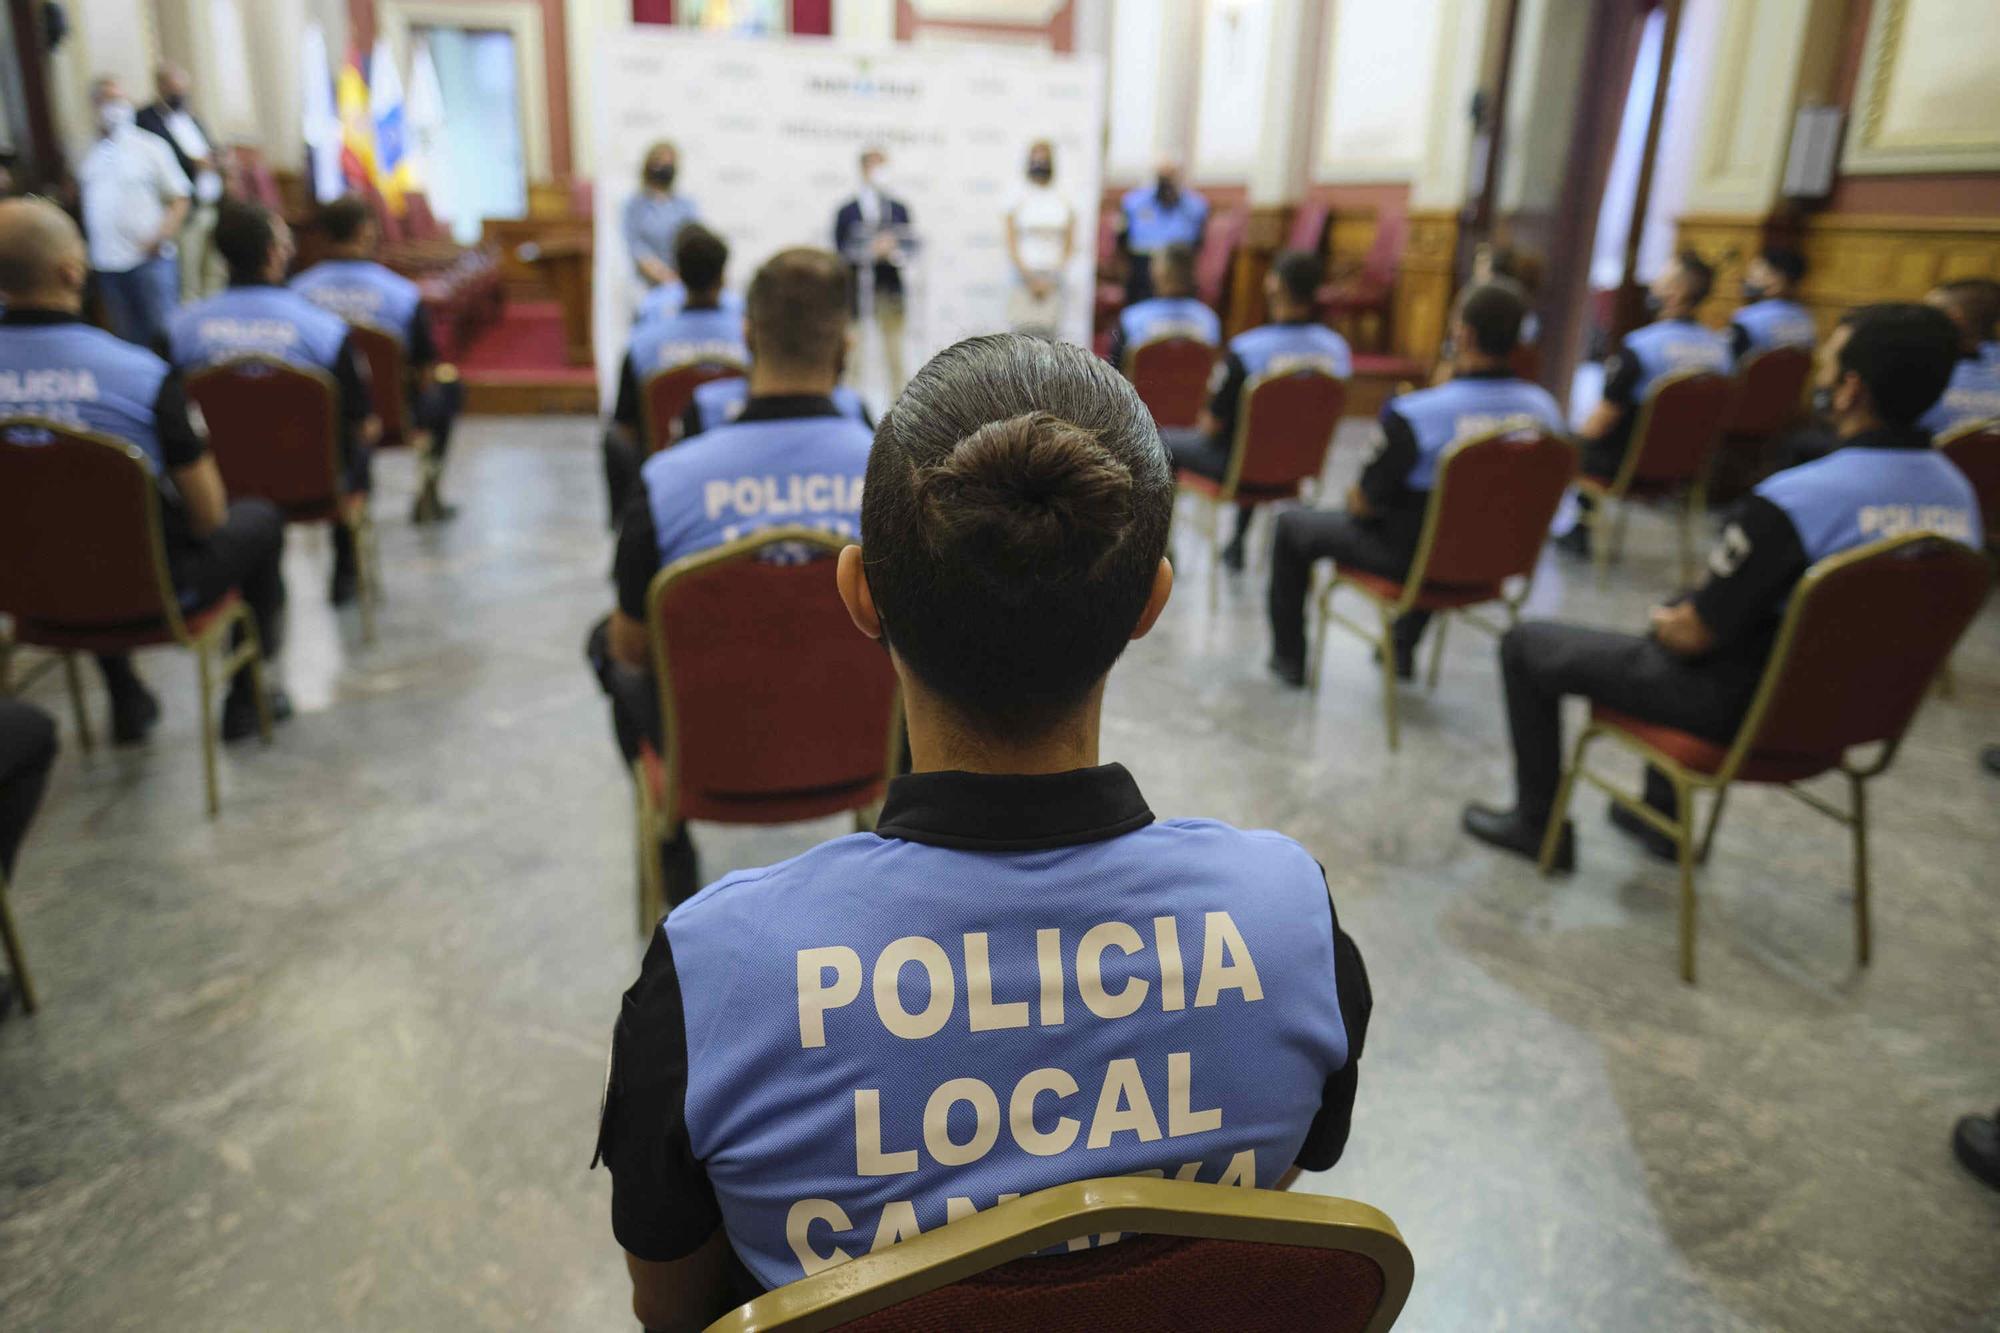 Acto nombramiento policías locales en prácticas